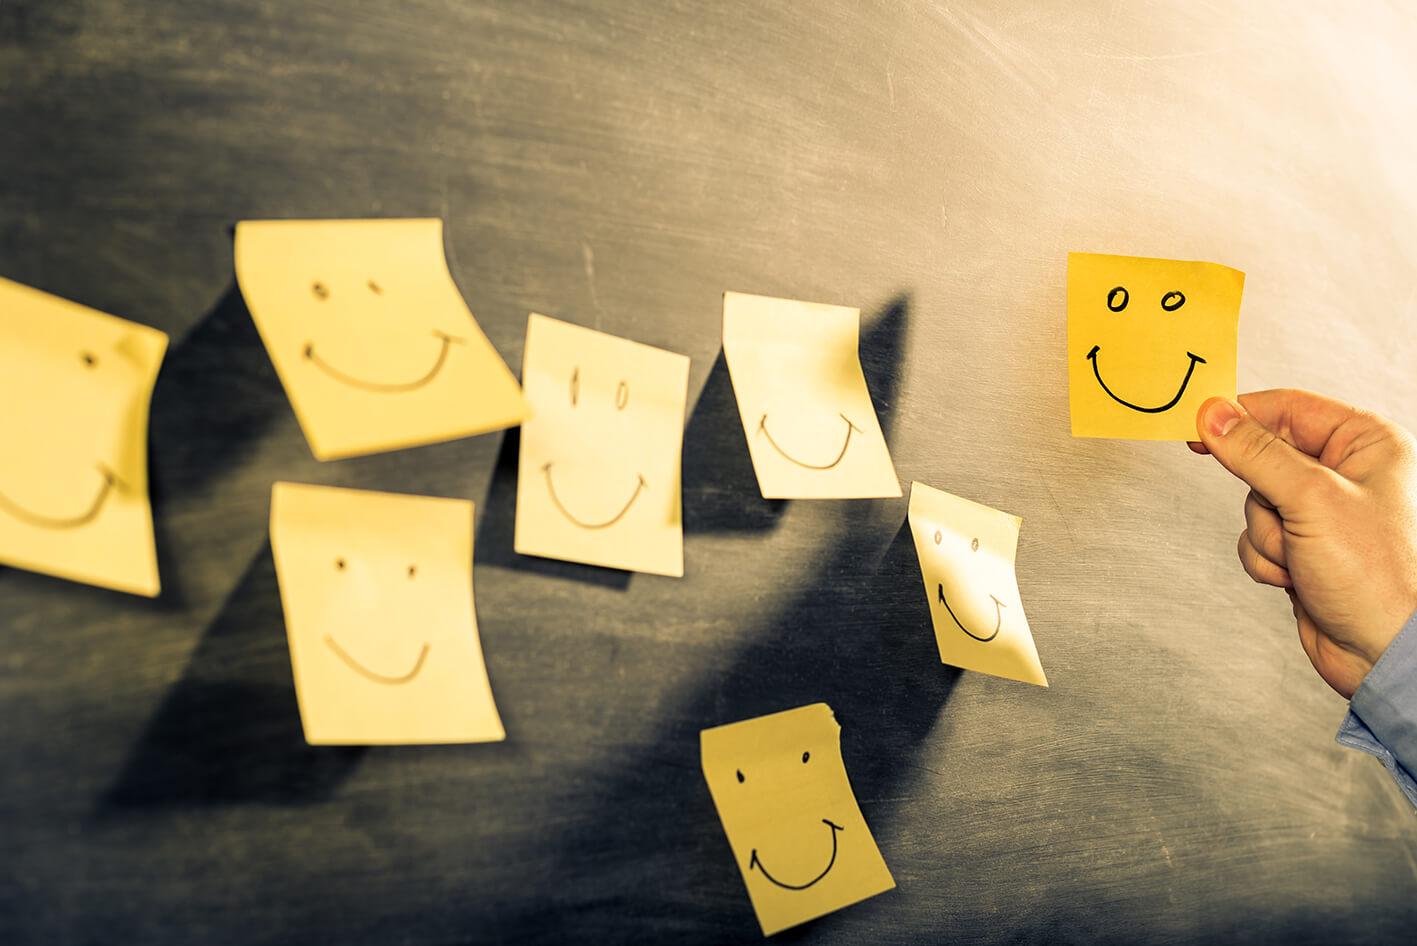 La psychologie positive, c'est quoi?